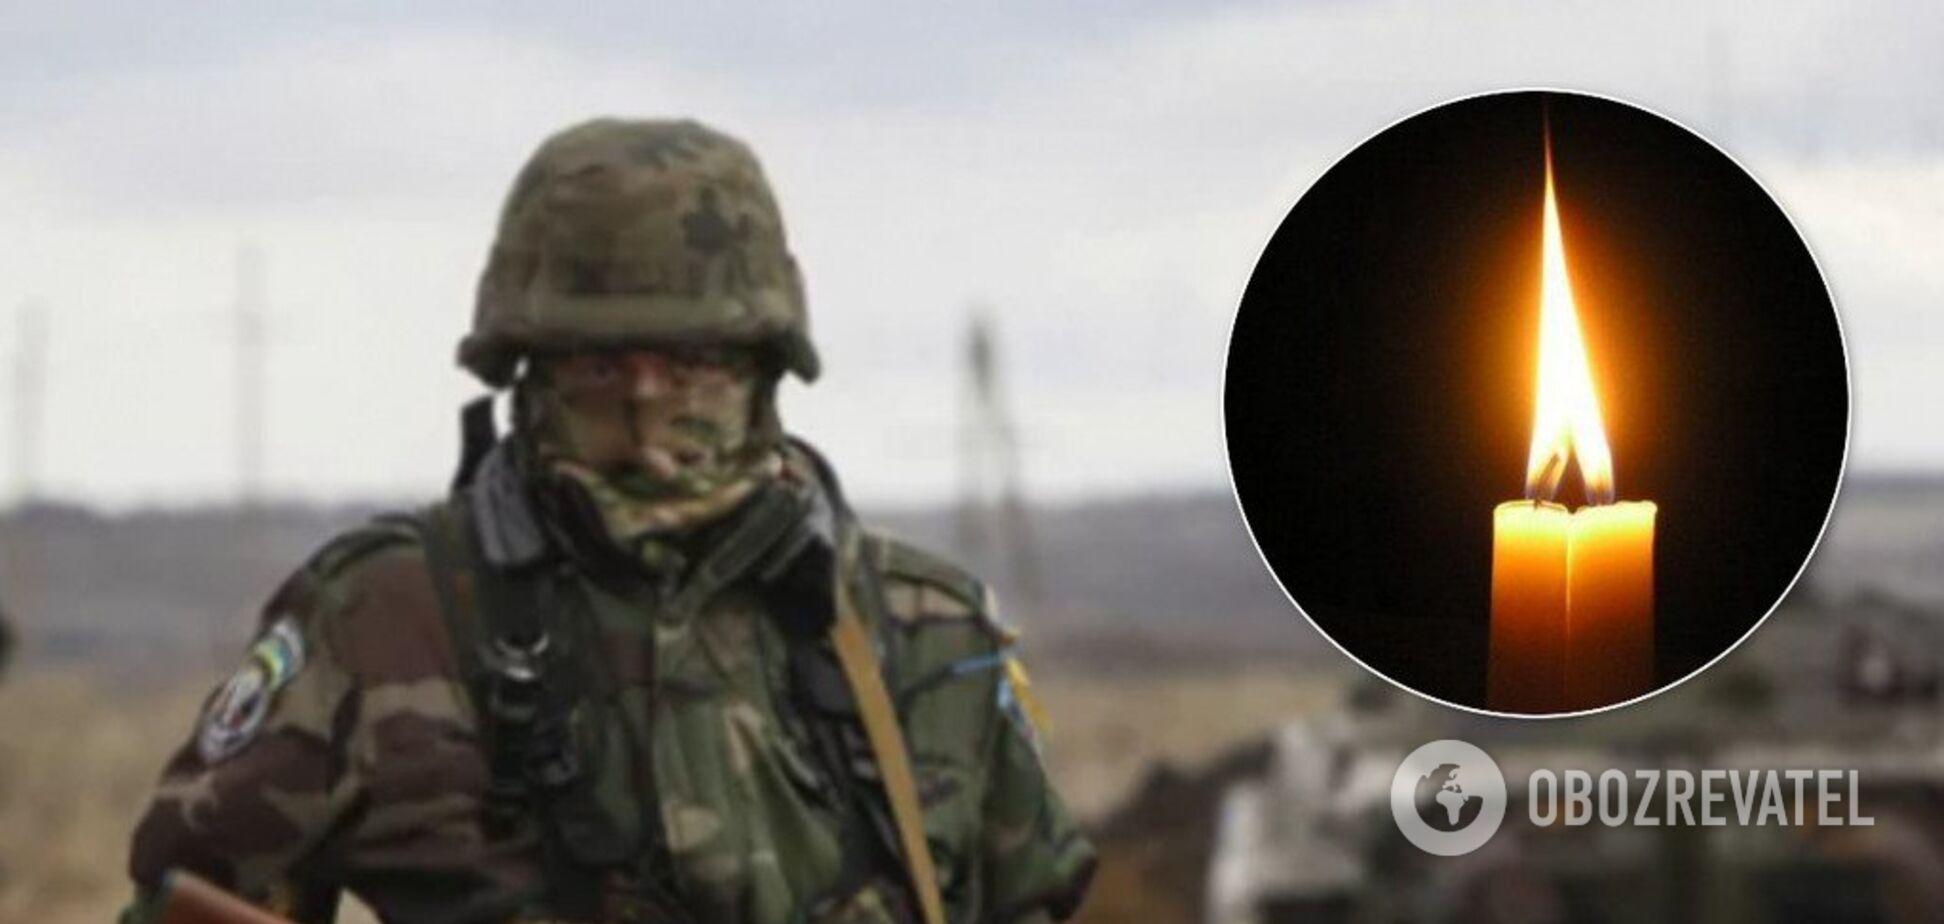 Помер після чергування: стало відомо про трагічну смерть бійця ЗСУ